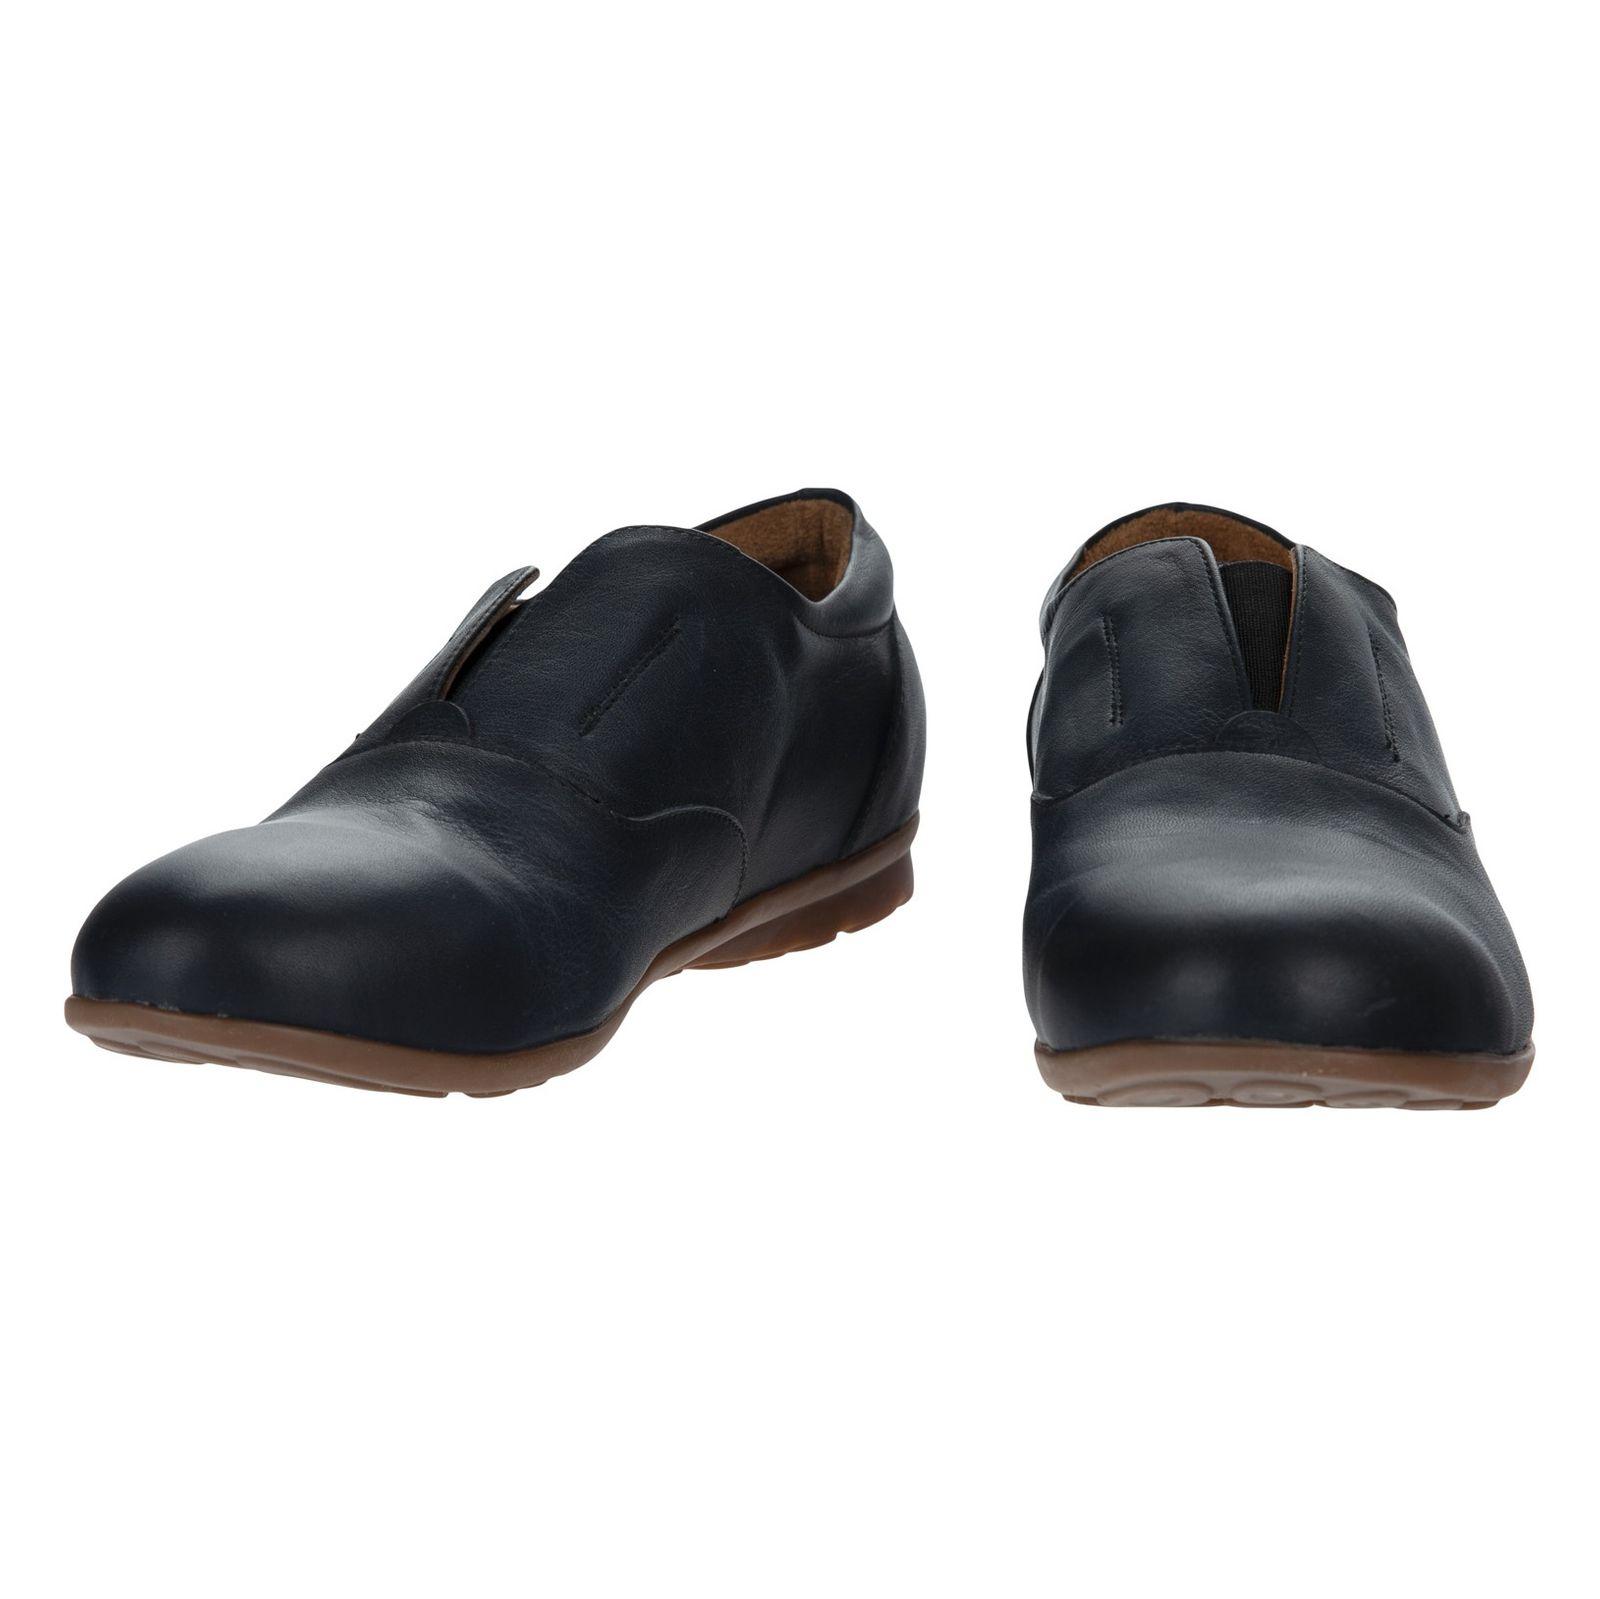 کفش روزمره زنانه دلفارد مدل DL5166A500-103 -  - 3